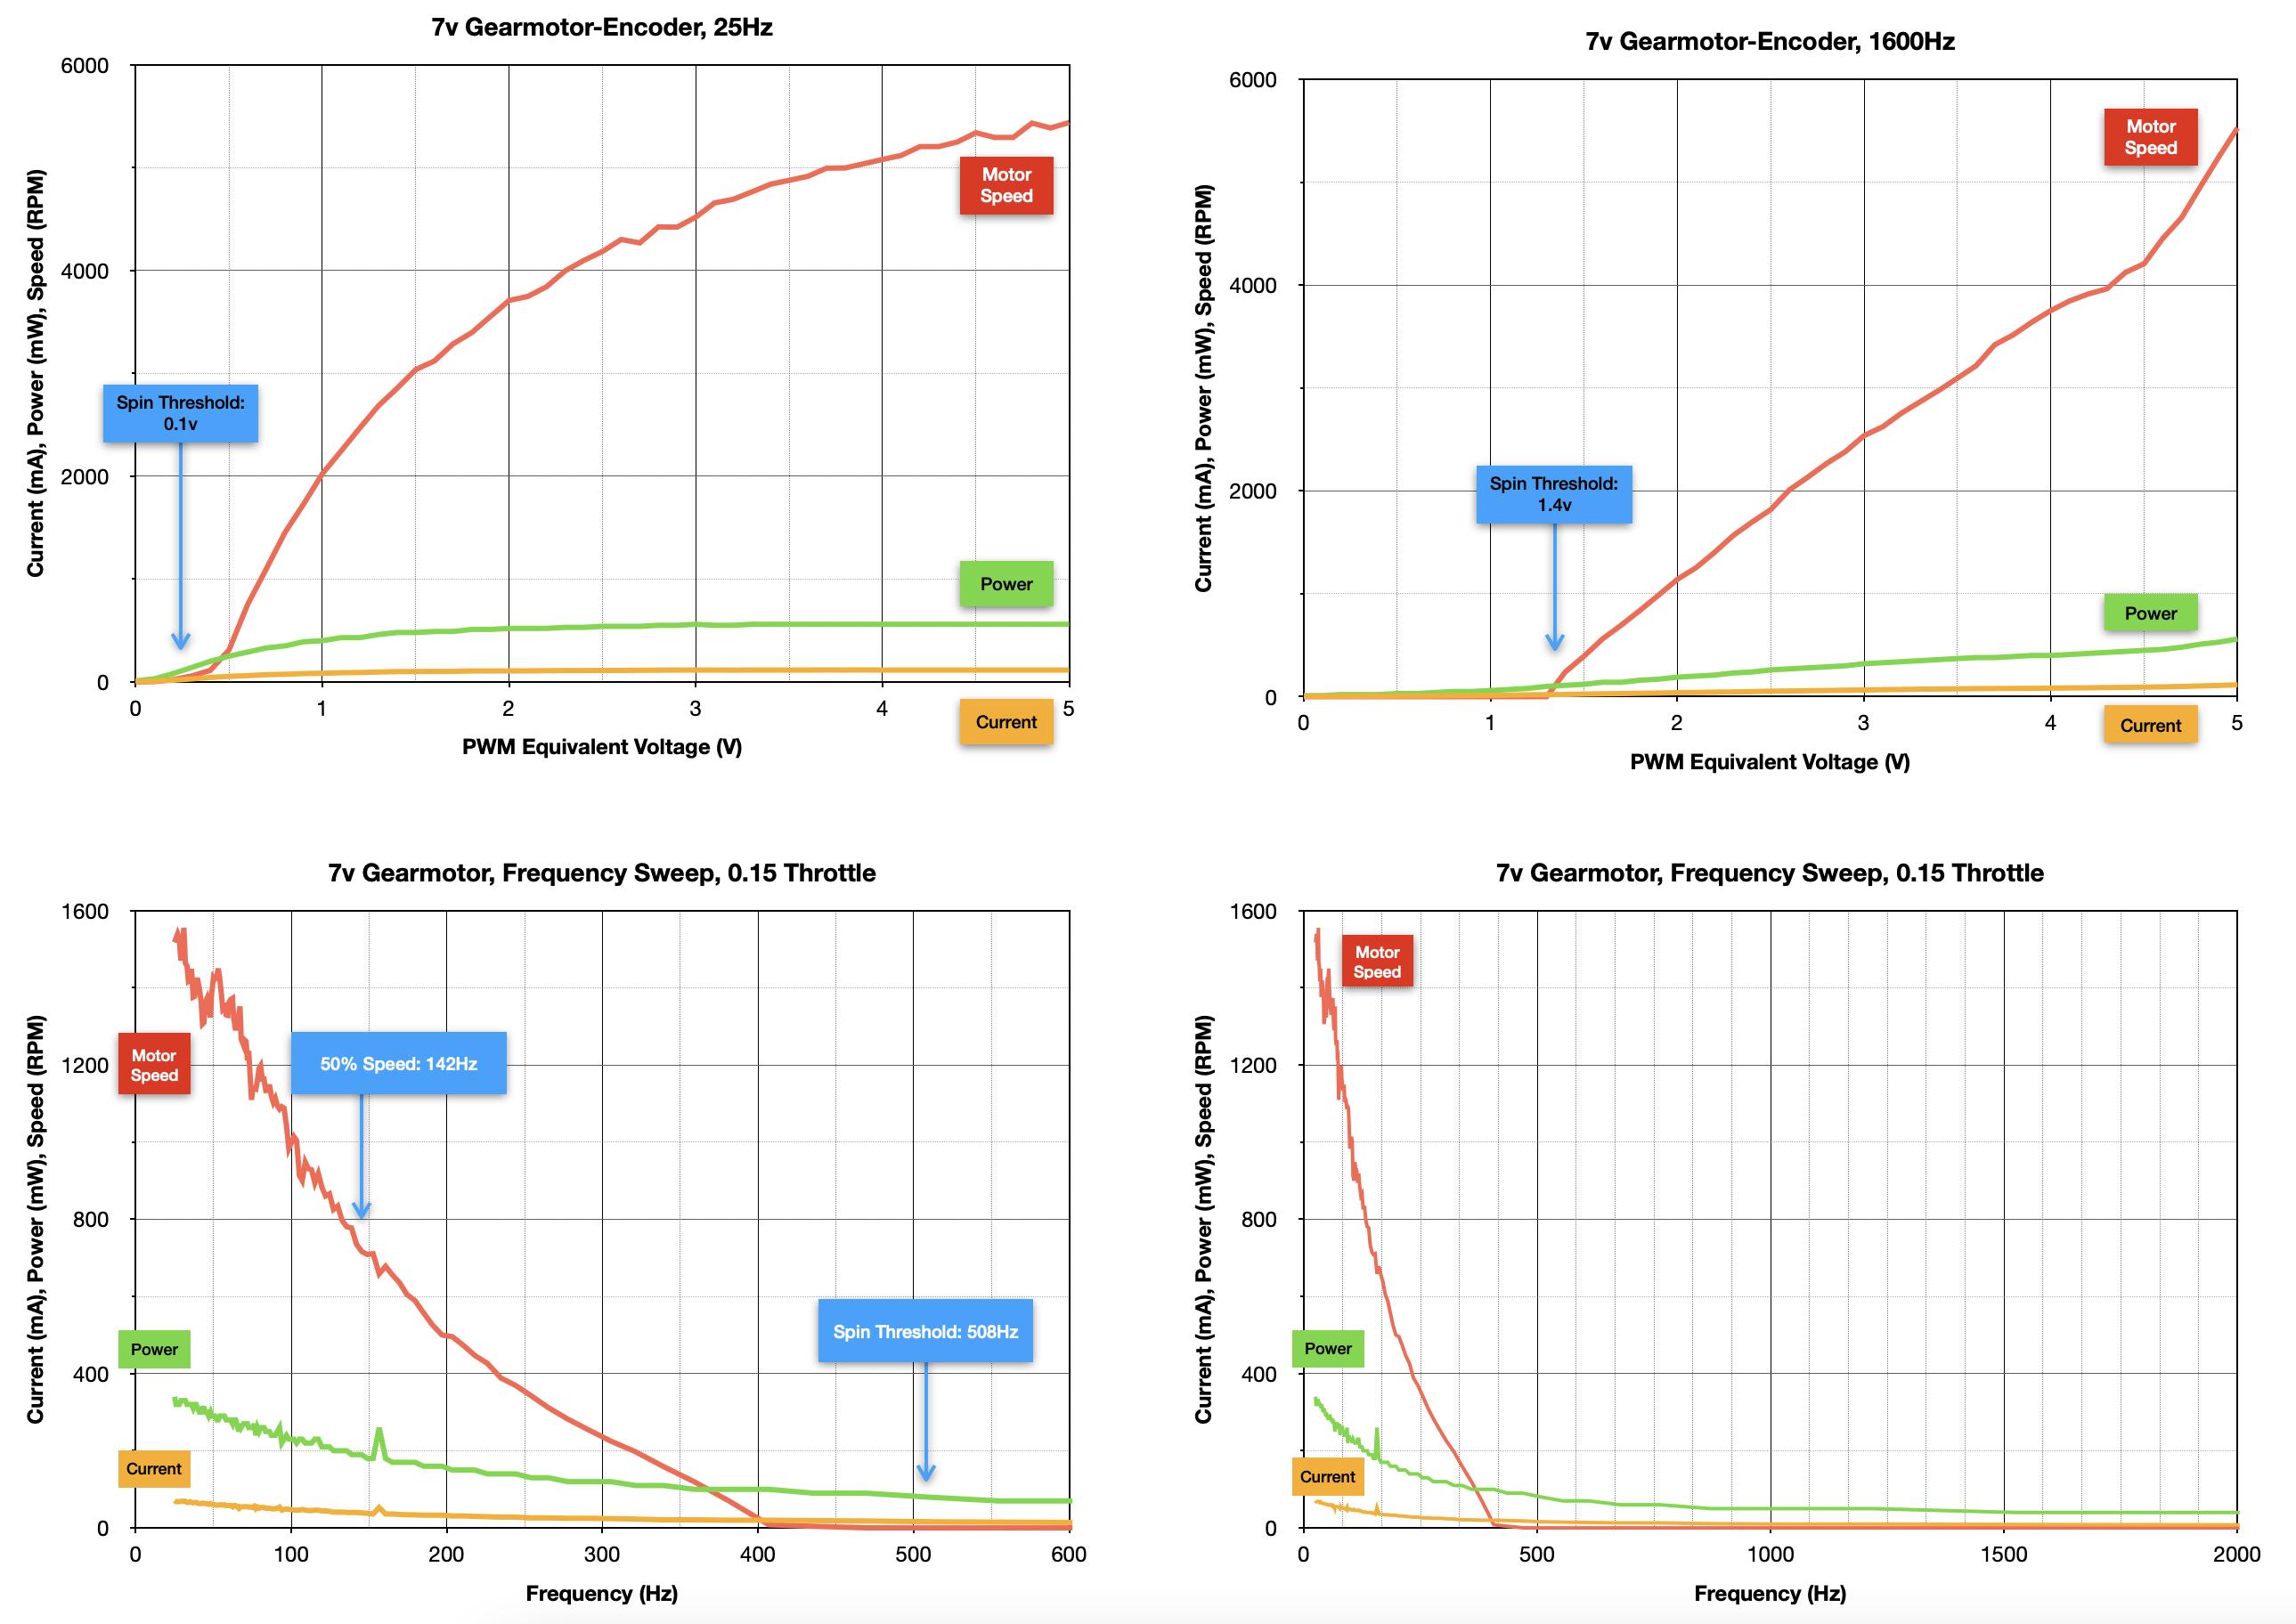 robotics___cnc_7V_Gearmotor-Encoder_Summary_Graphs.png